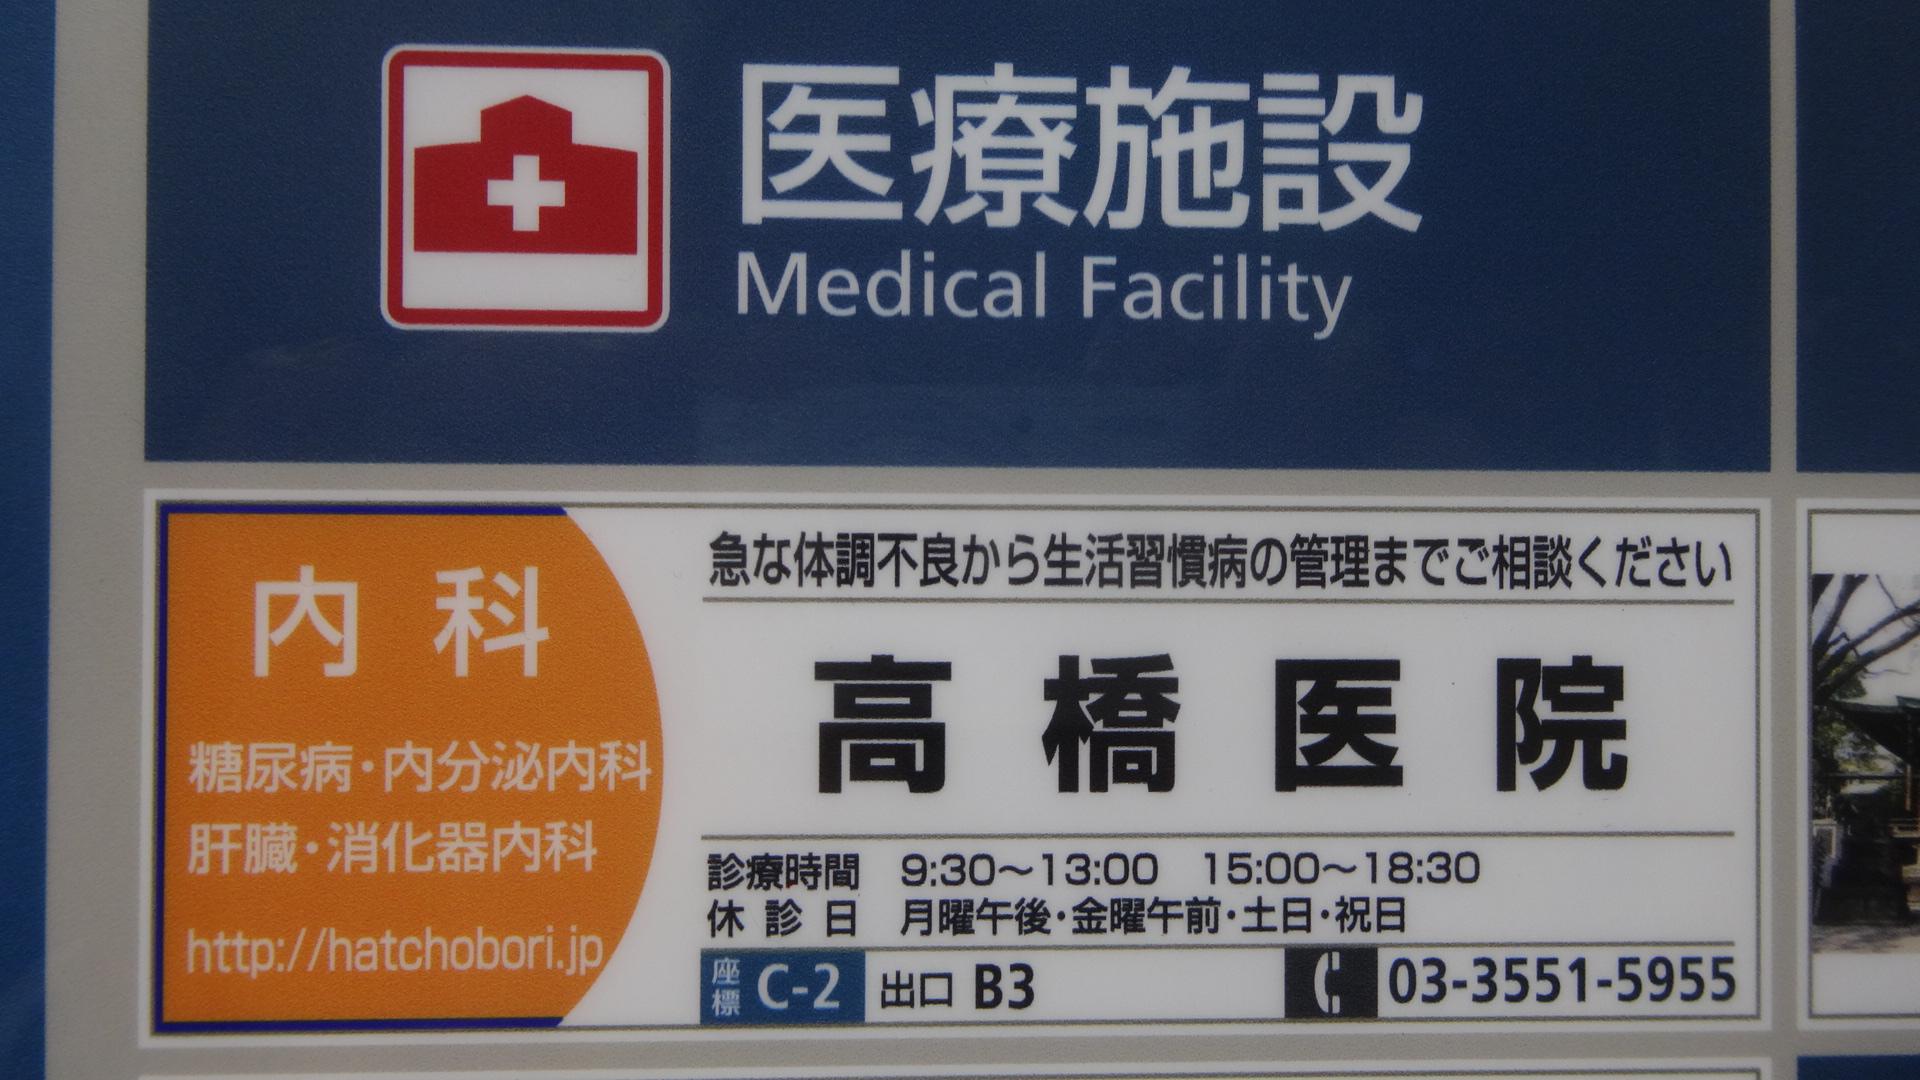 広告スペースに出ている医院の広告